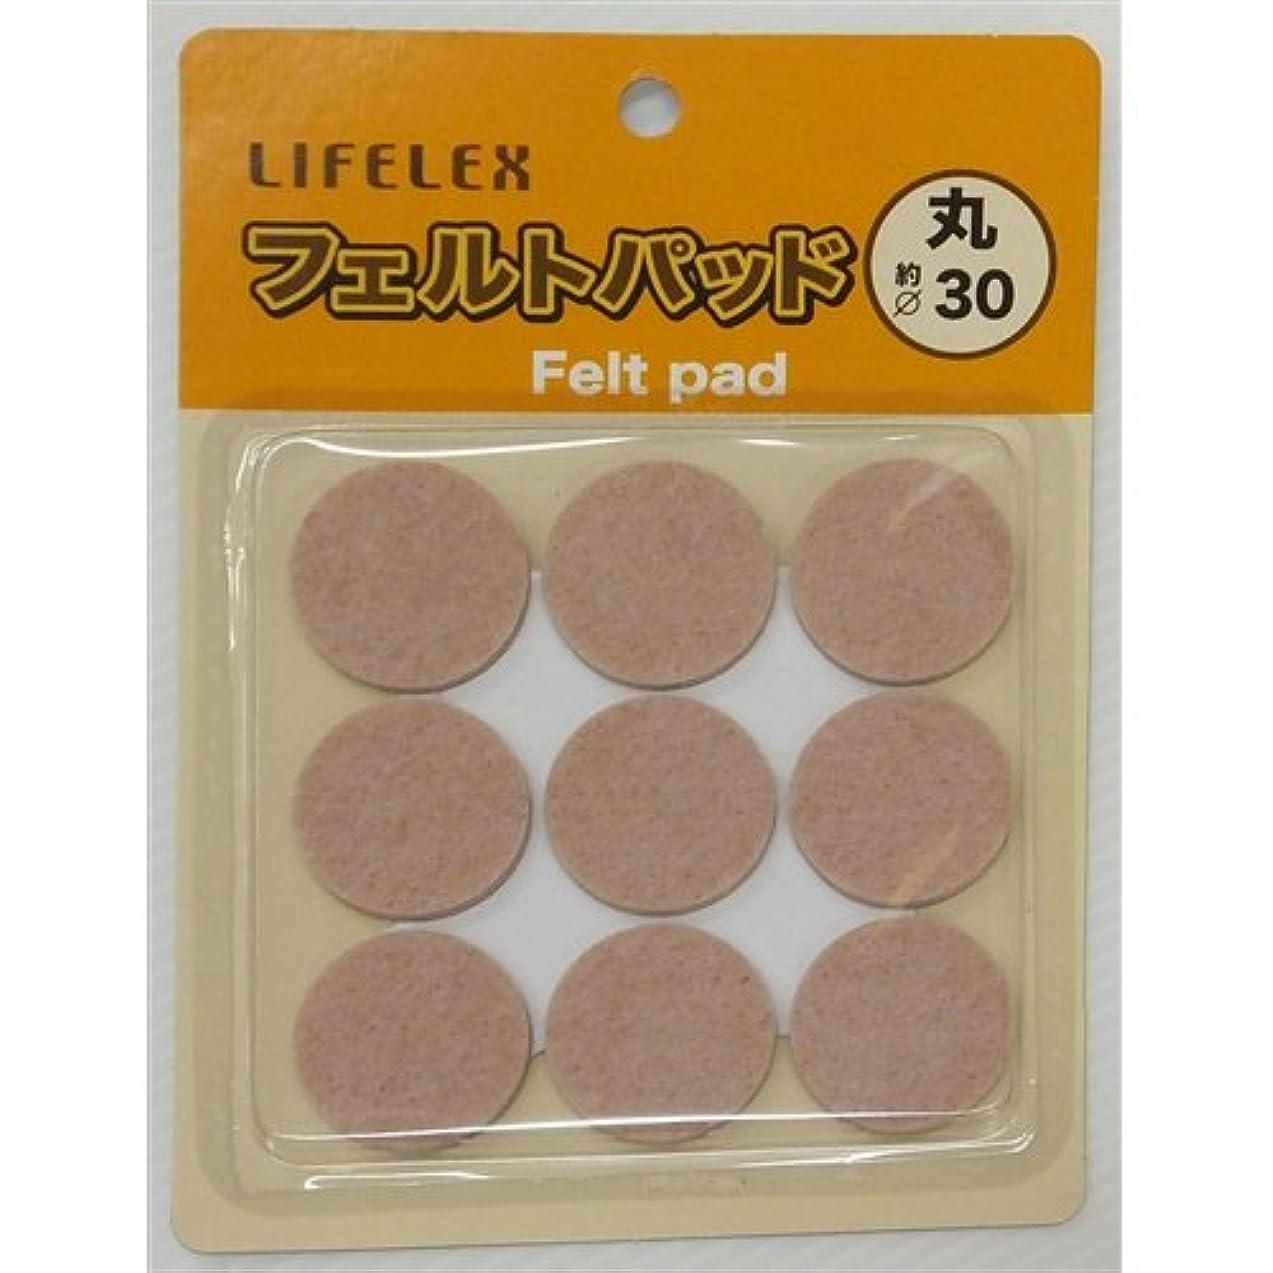 アレキサンダーグラハムベル汚い十分にコーナン オリジナル フェルトパッド丸 30mm 9枚入り LFX01-6966